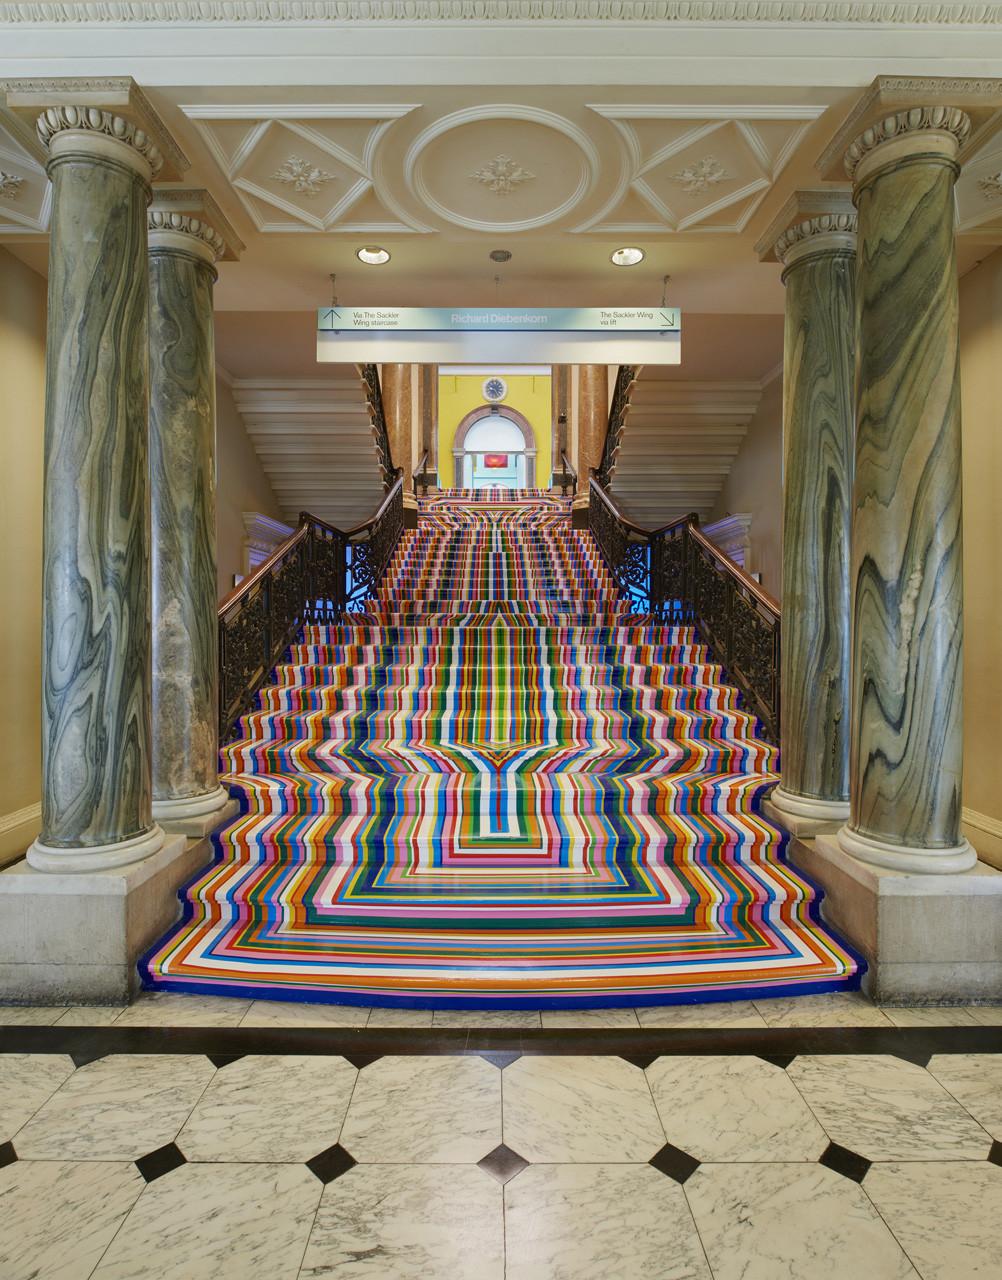 <p><em>ZOBOP</em></p><p>Summer Exhibition 2015, Royal Academy of Arts, Burlington House, London, 8 June – 16 August 2015</p>